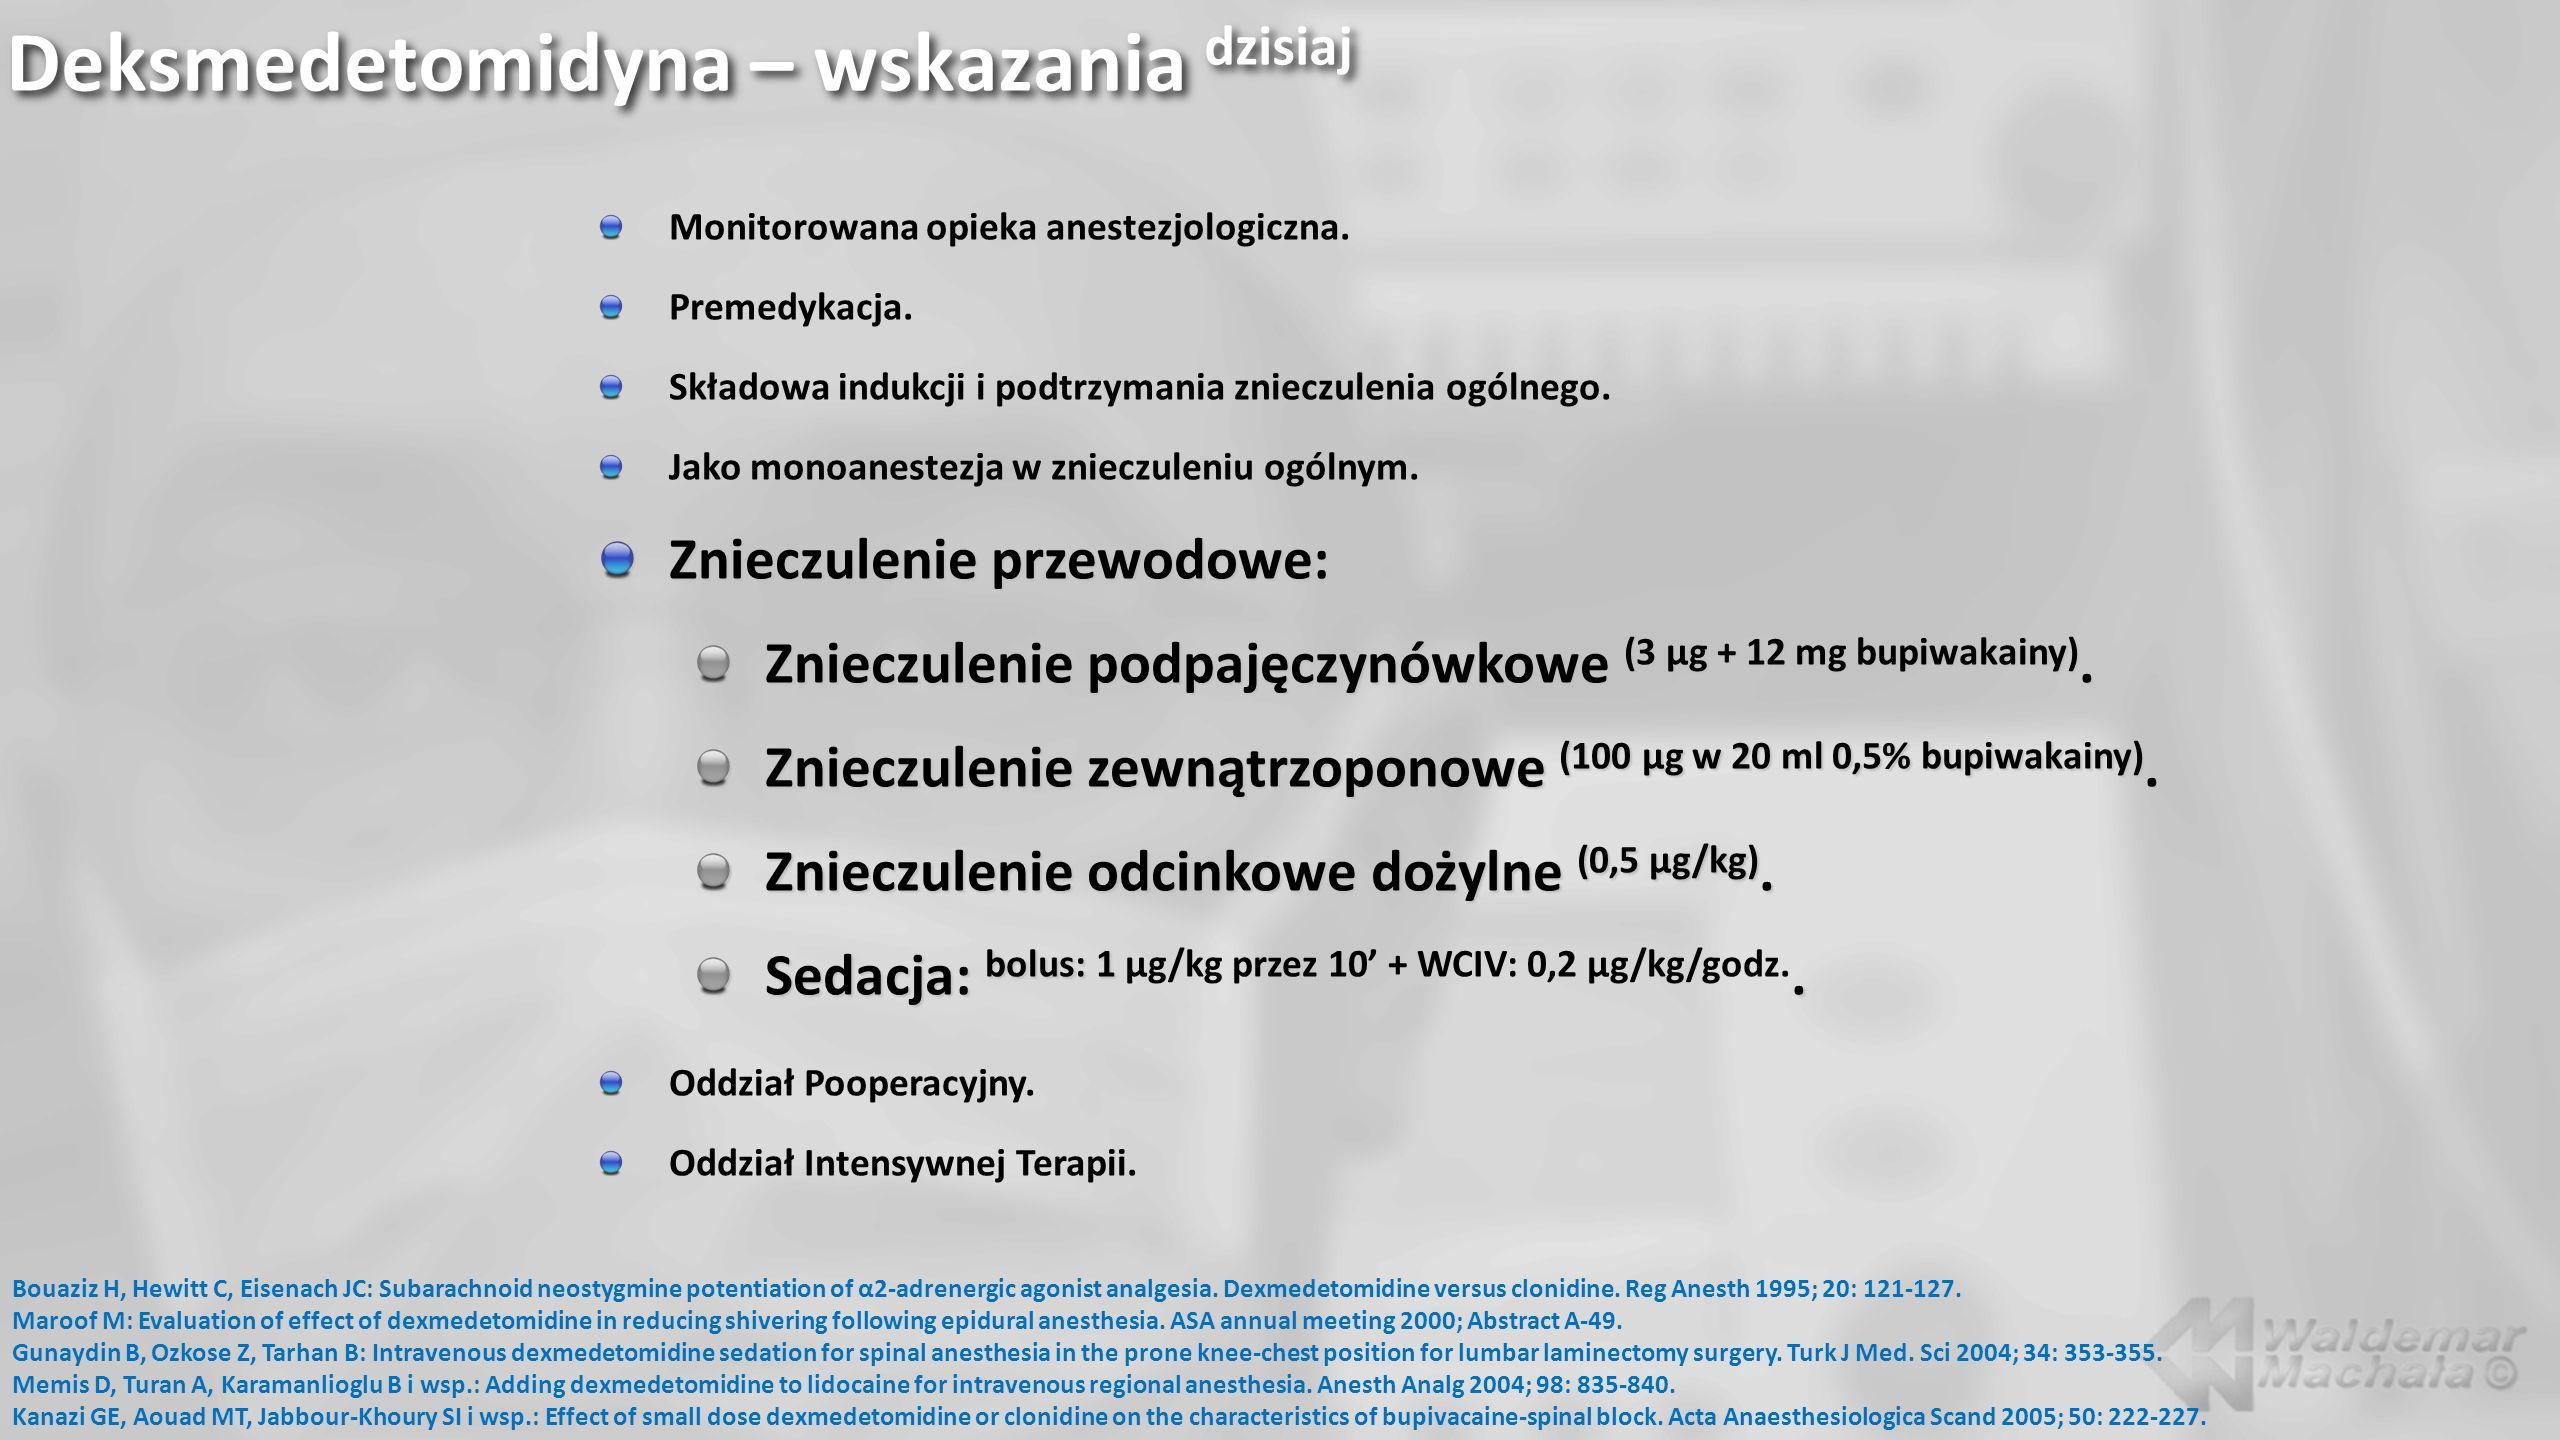 Deksmedetomidyna – wskazania dzisiaj